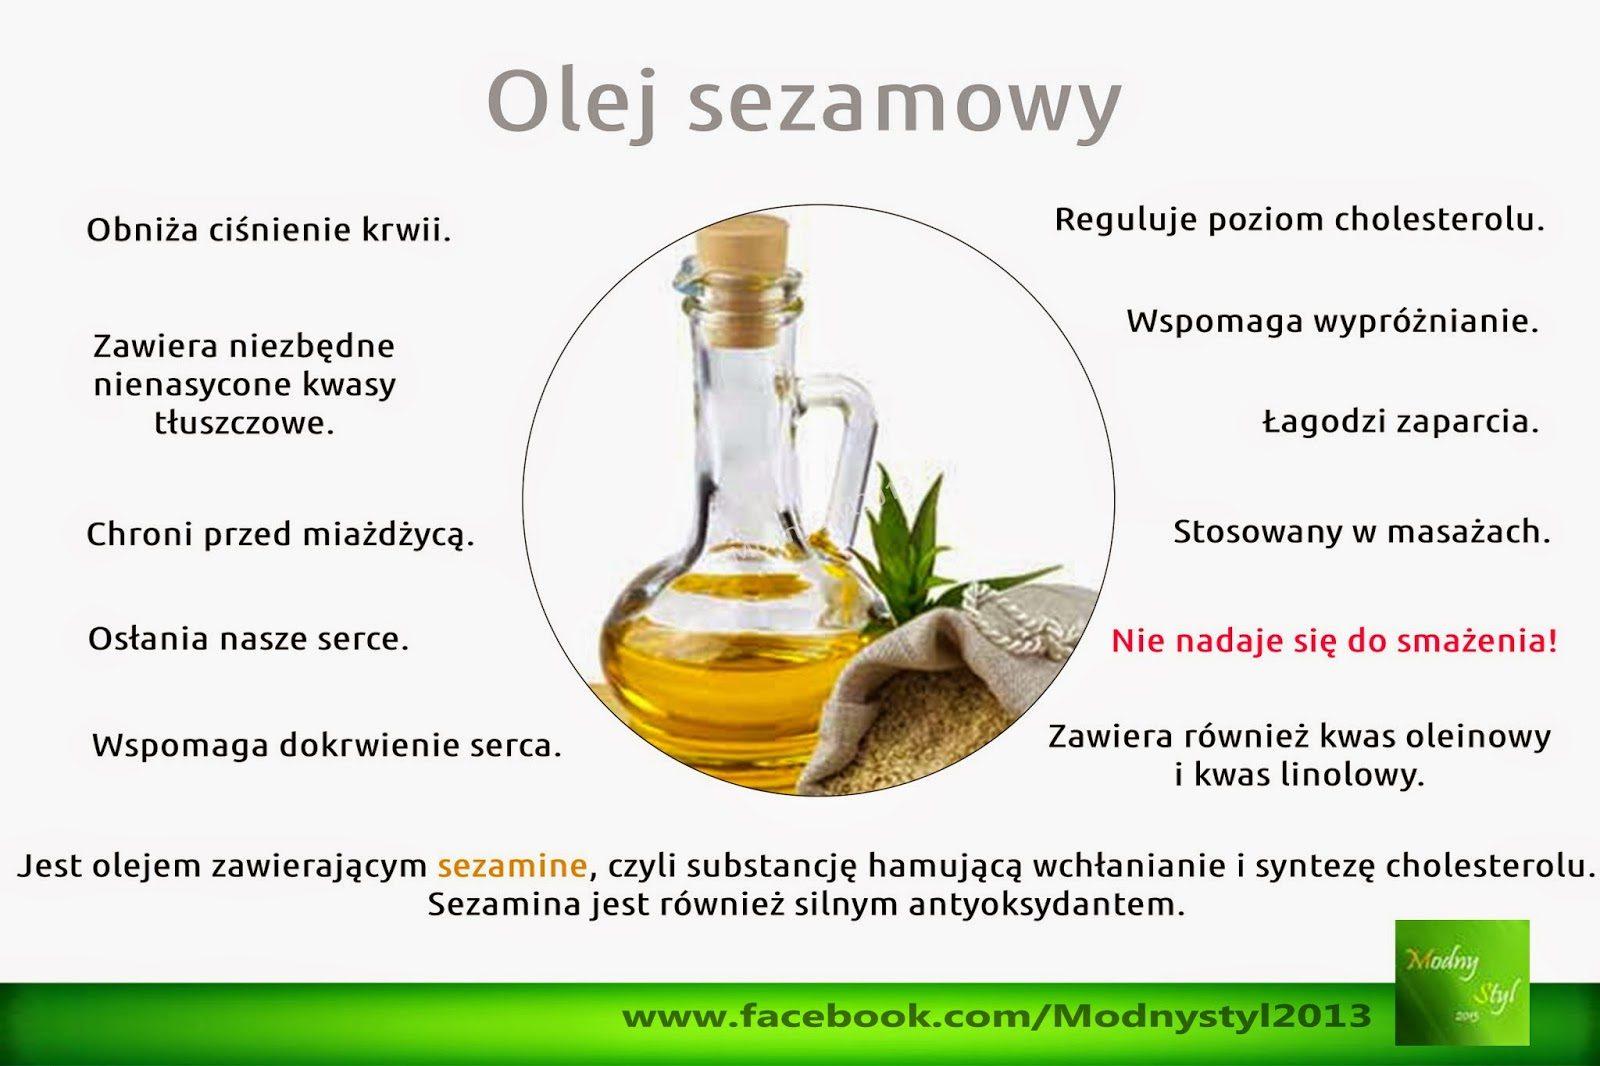 olej2bsezamowy-4550745